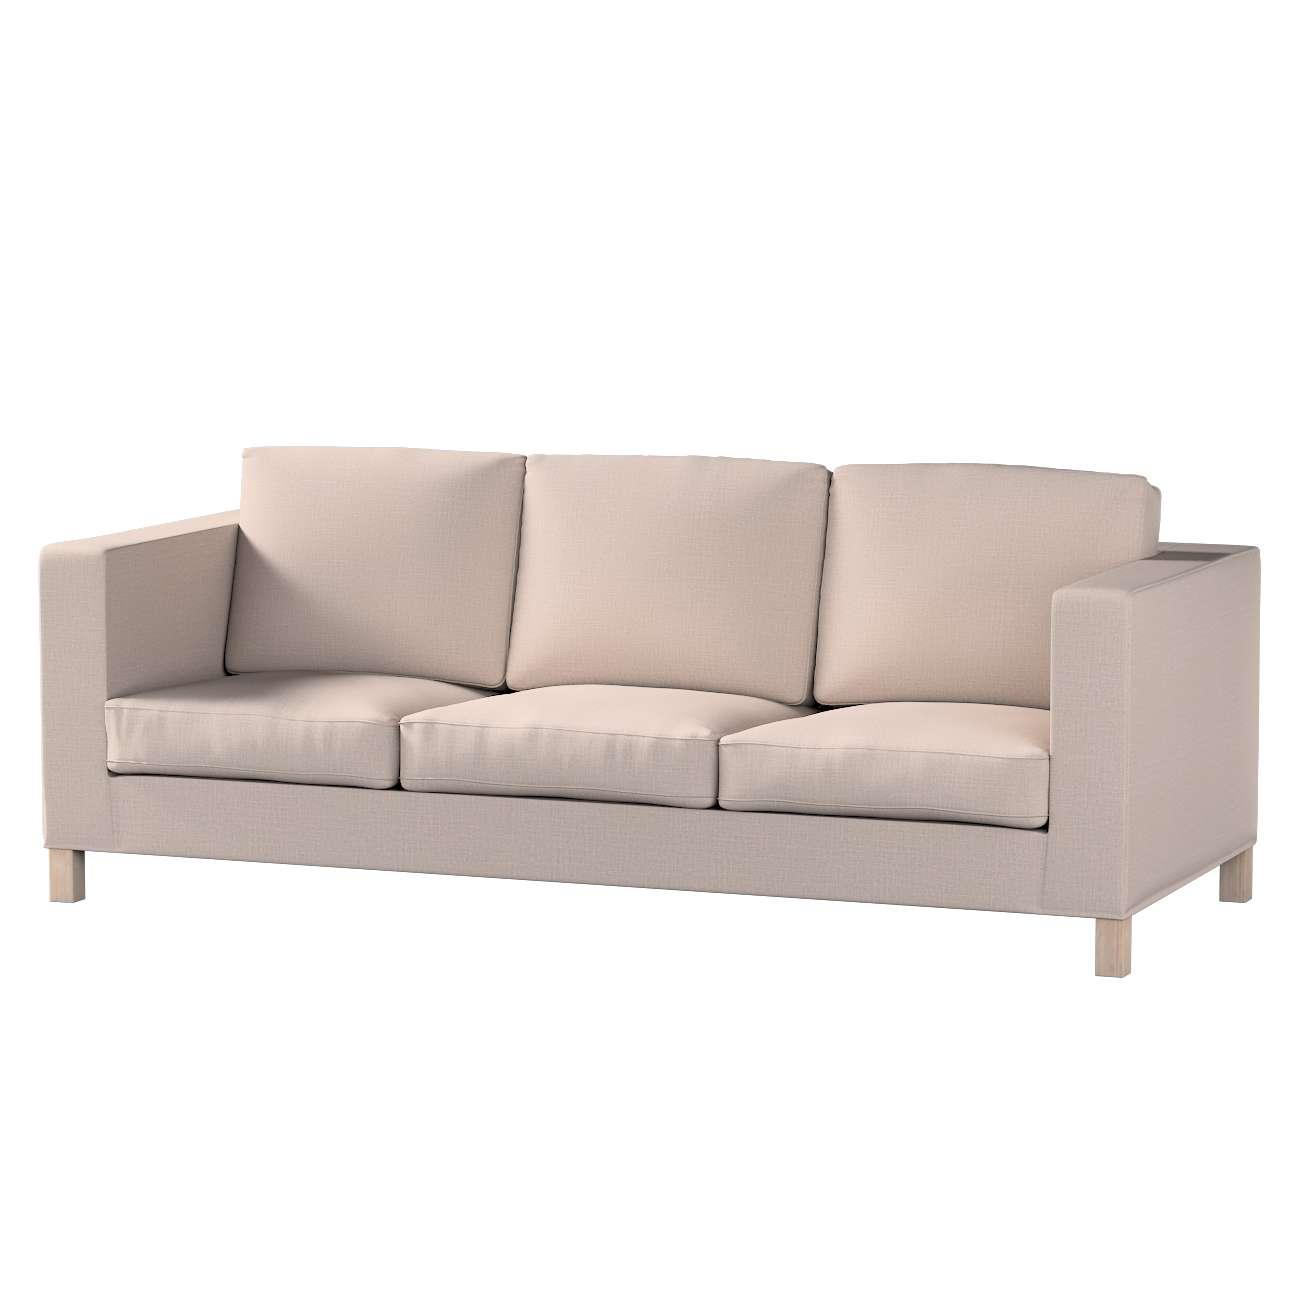 Potah na pohovku IKEA  Karlanda 3-místná nerozkládací, krátký v kolekci Living II, látka: 160-85